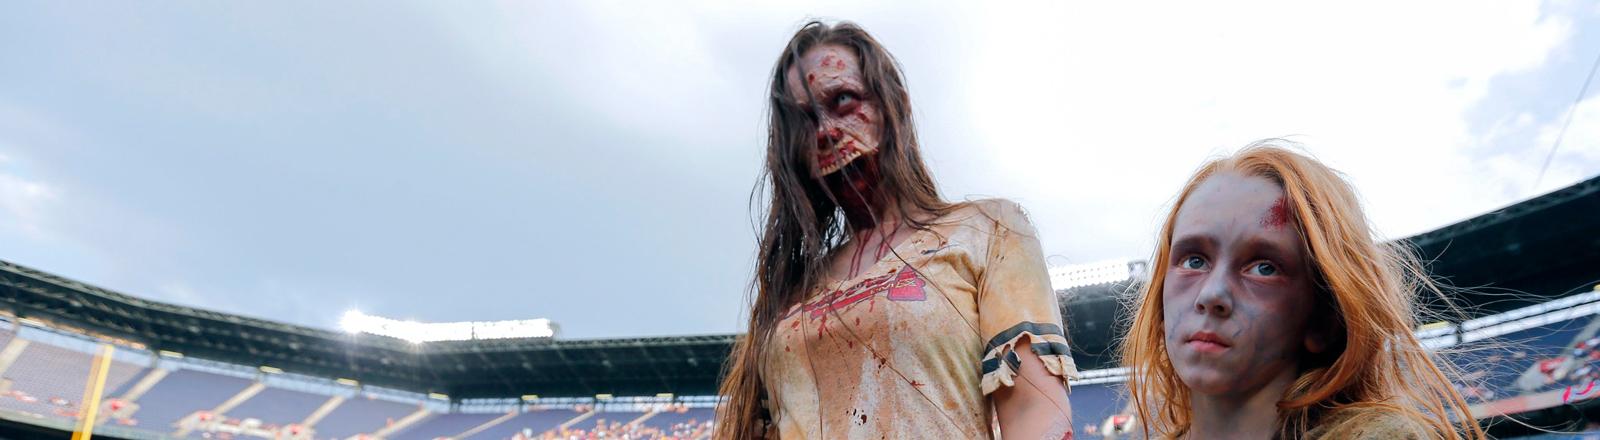 Mutter und Kind nehmen an der Zombie-Nacht in Atlanta teil.